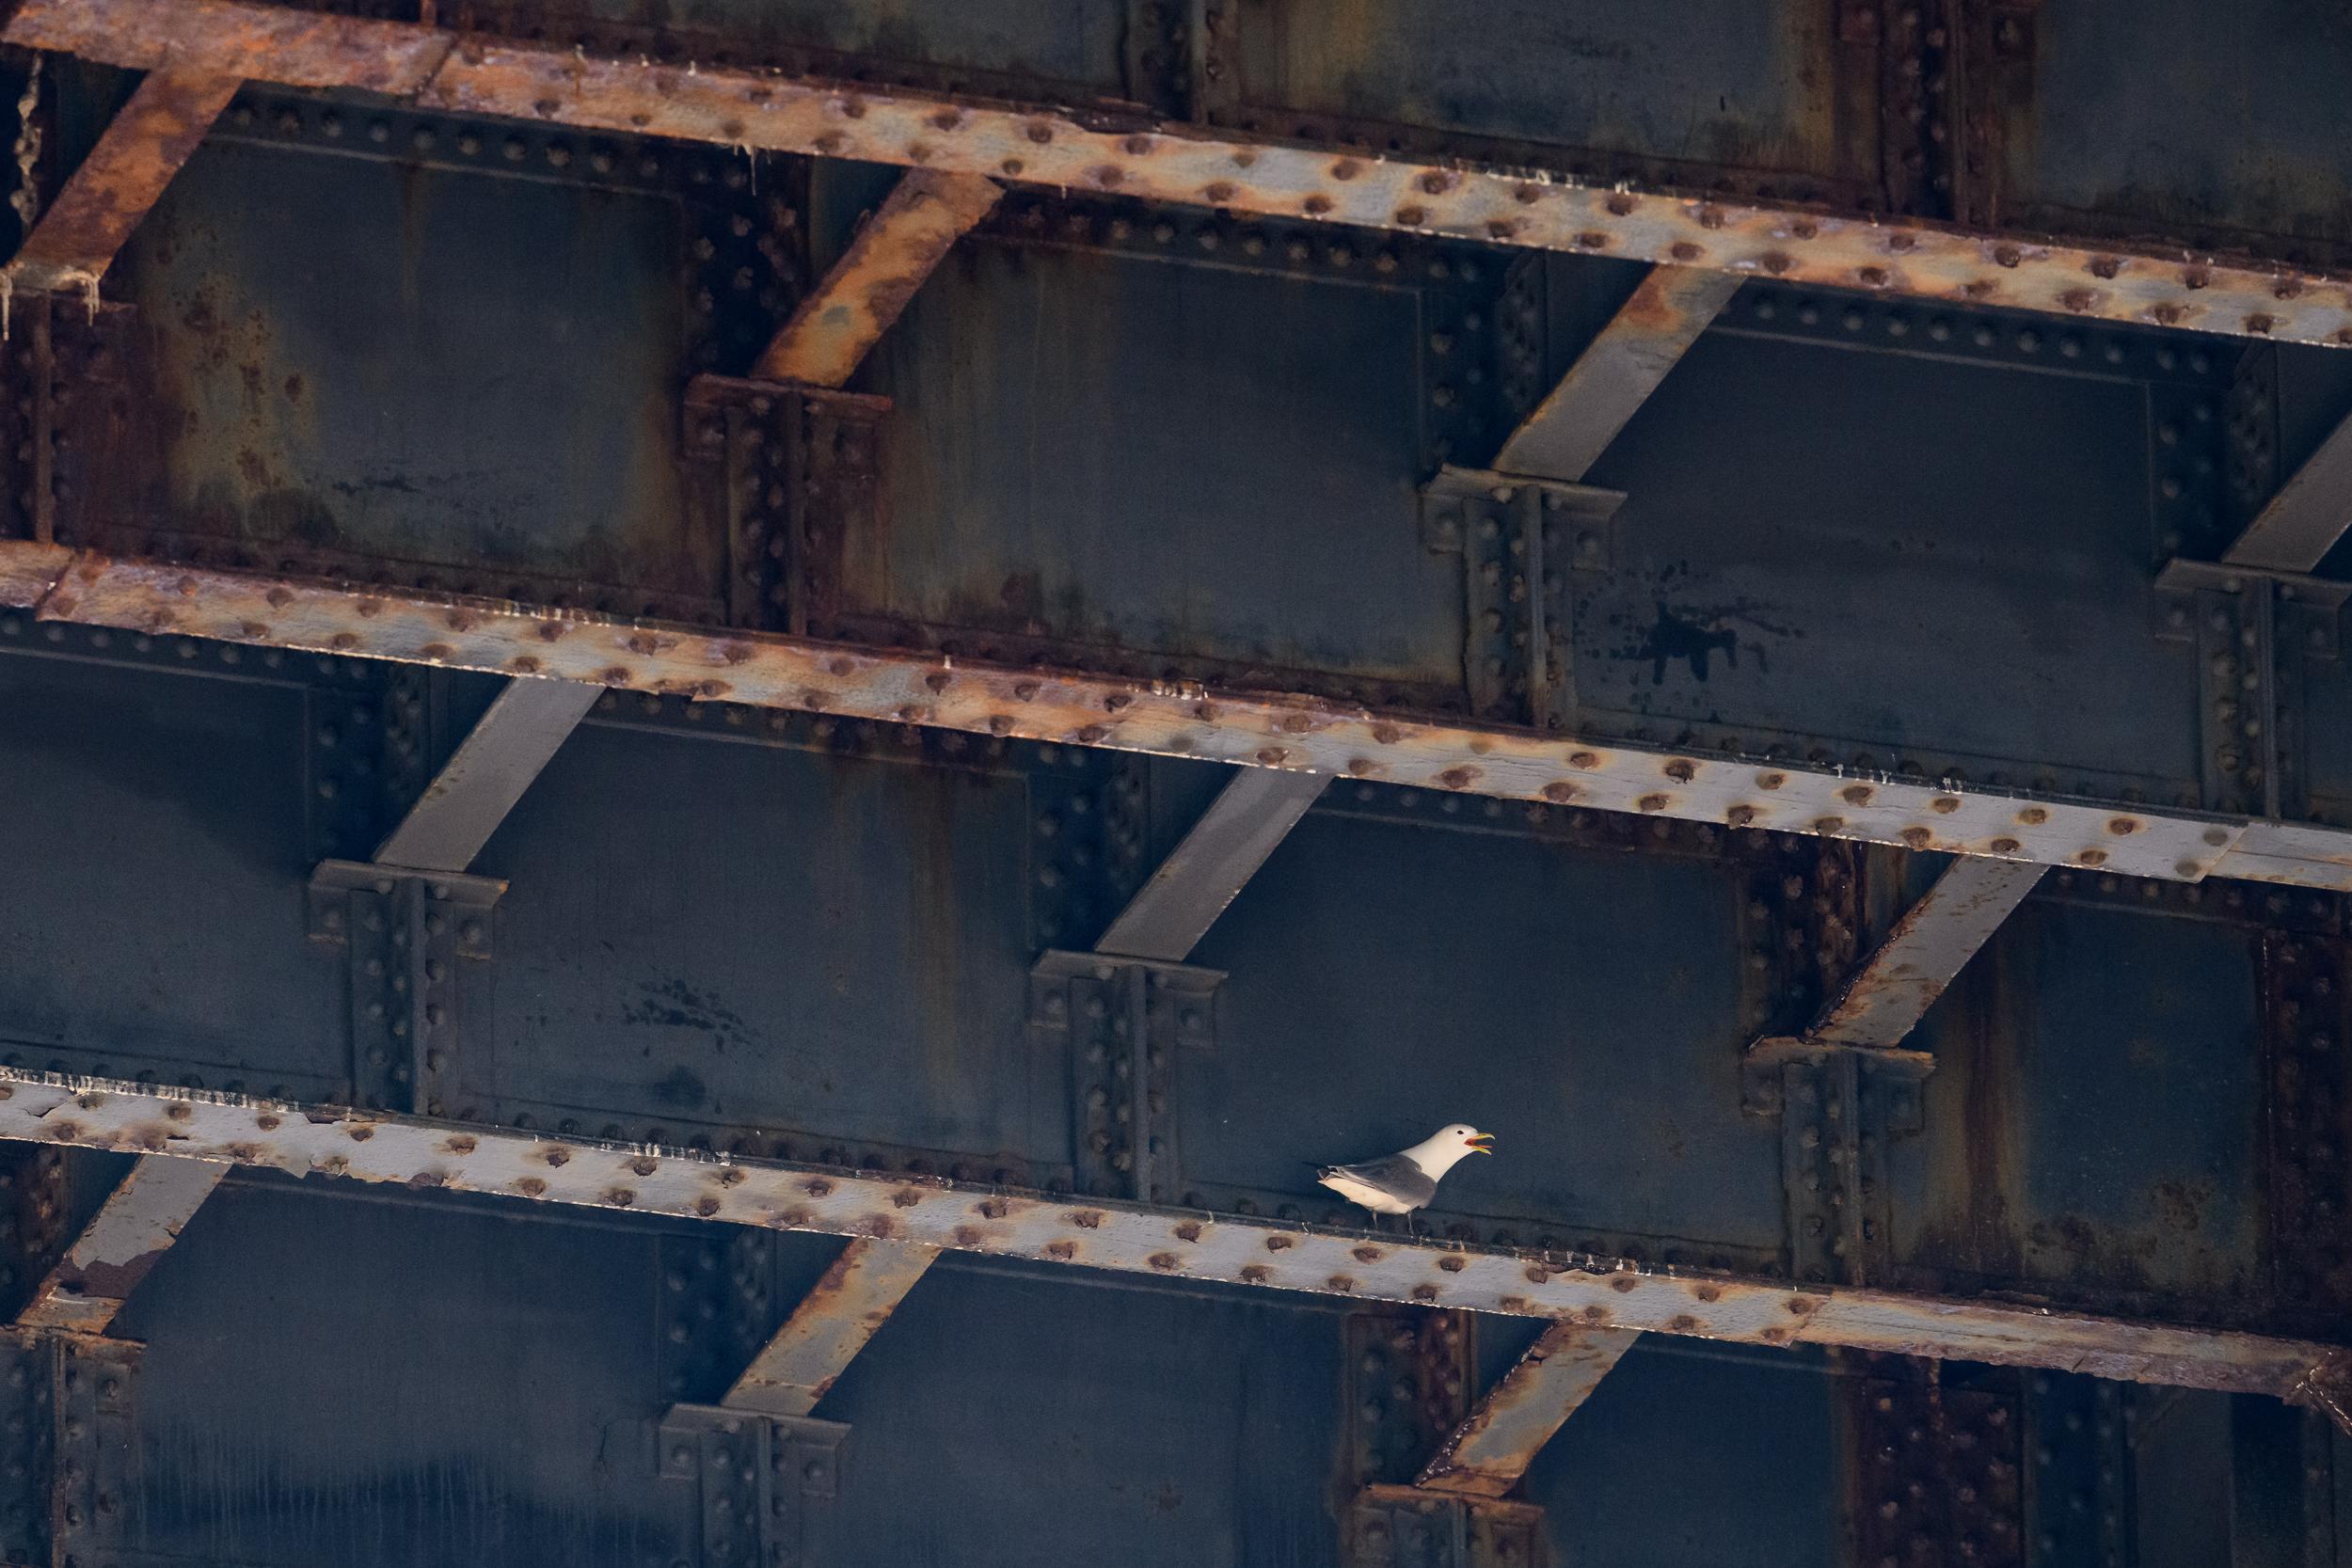 Black-legged kittiwake (Rissa tridactyla) adult calling from underneath the Tyne Bridge. Newcastle, UK. July